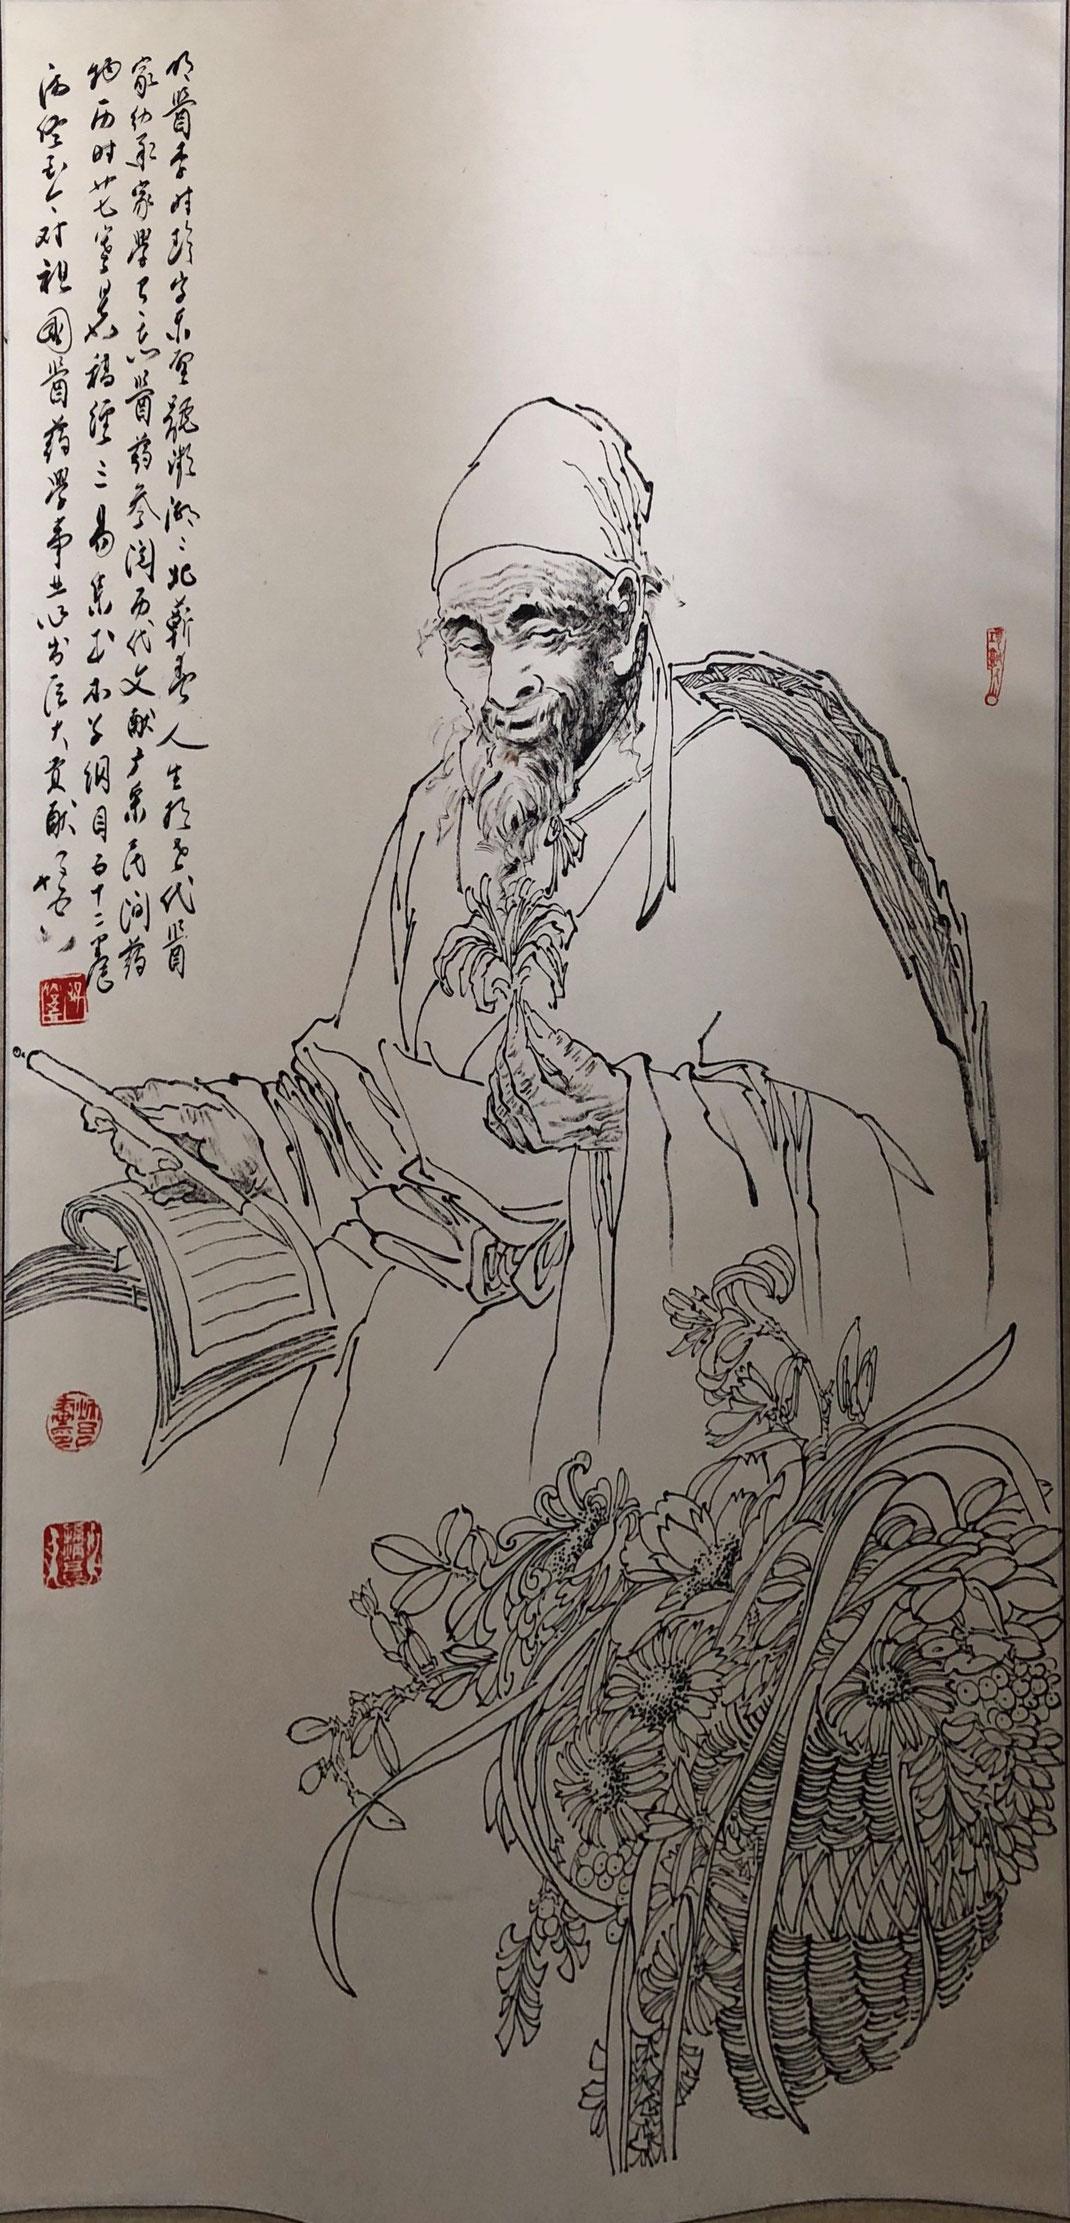 Chinesischer Arzt - Zeichnung aus dem 19. Jahrhundert